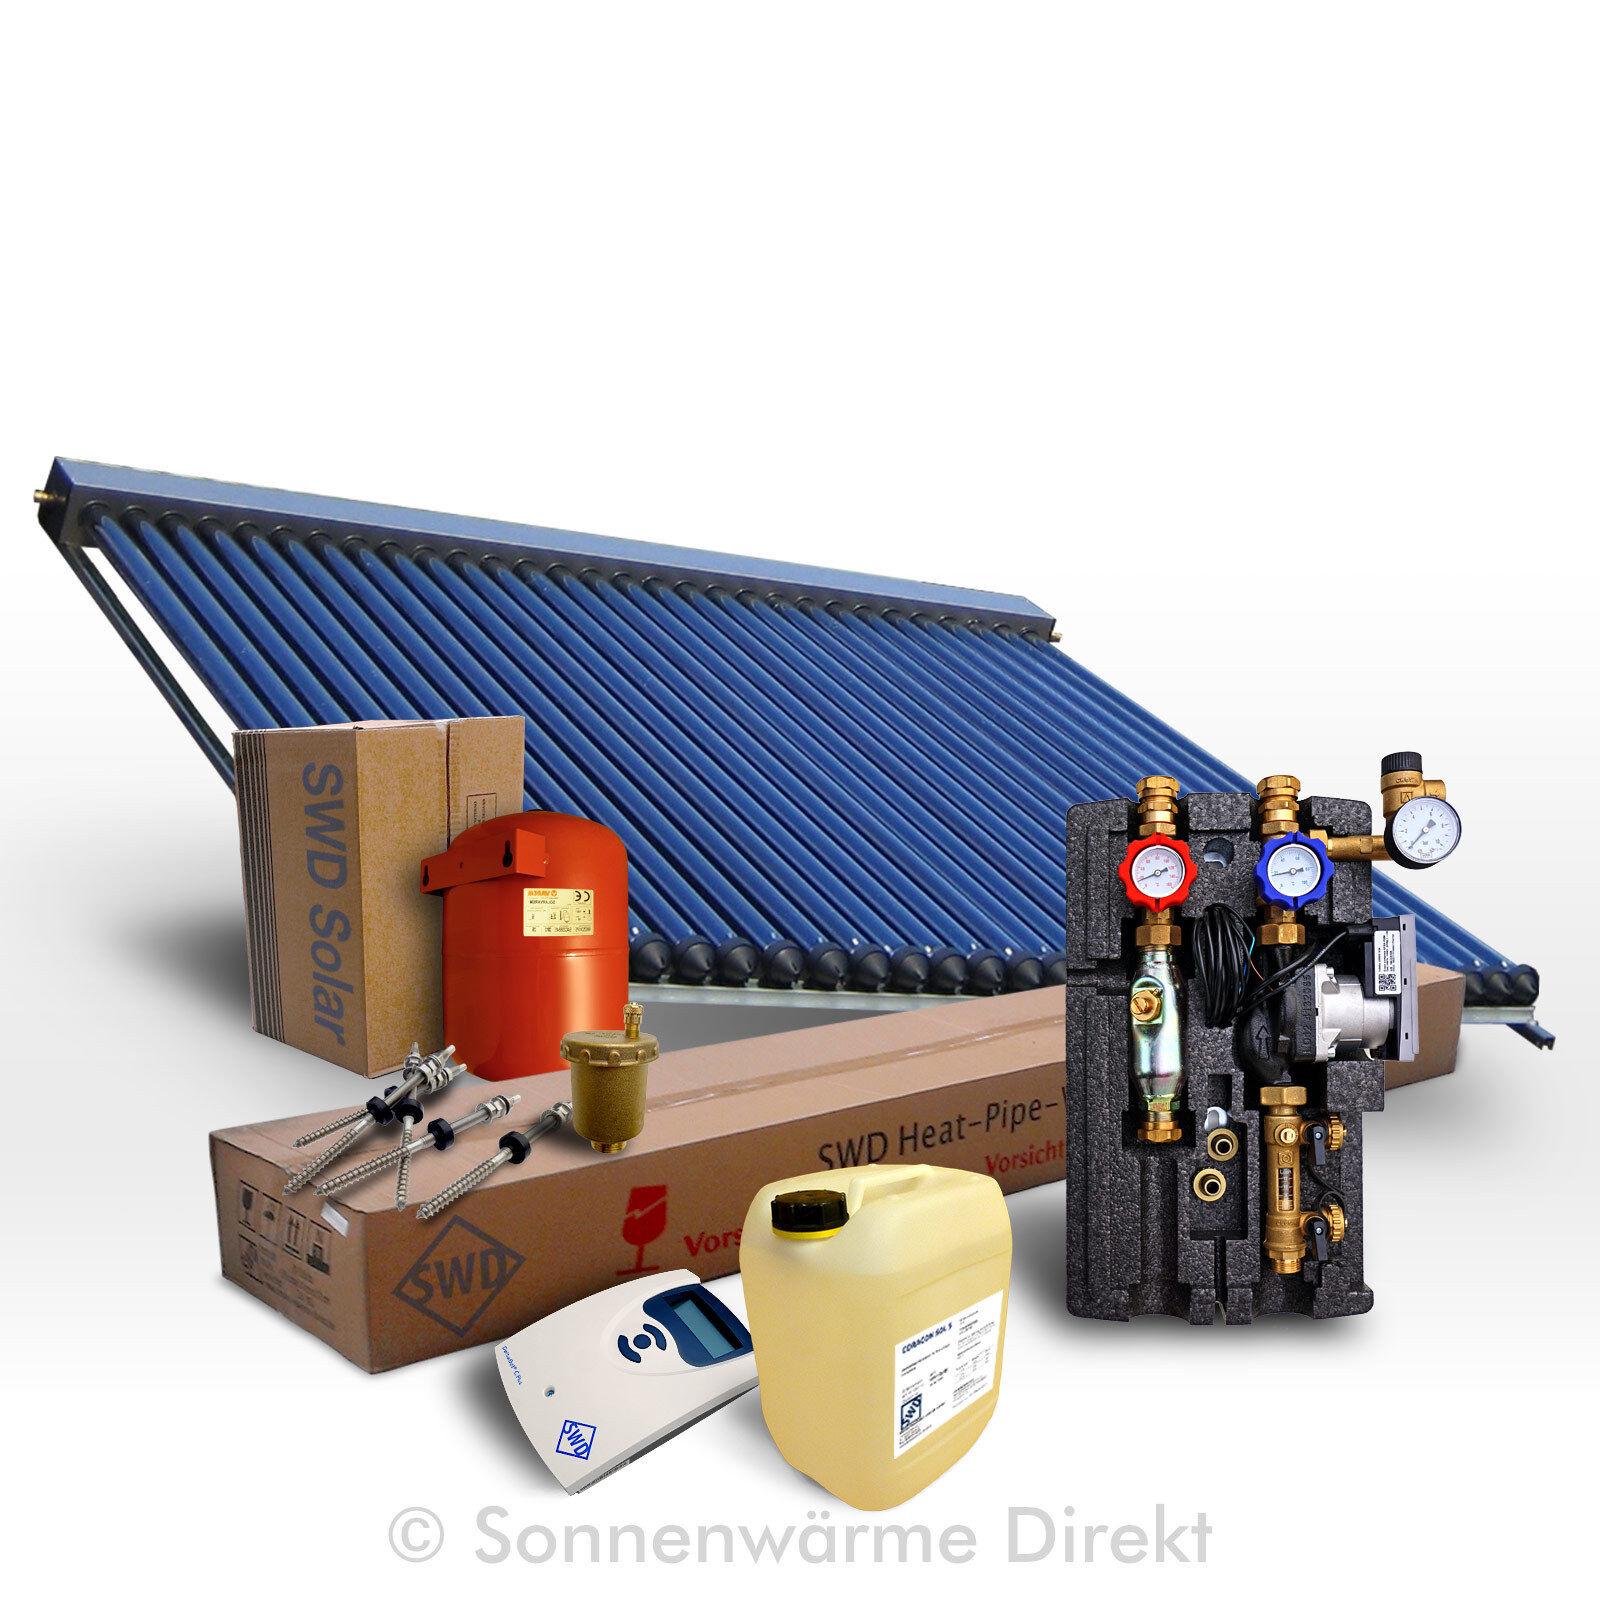 SWD Solarpaket 20 m² (Solar, Heizung, Warmwasser) mit Röhrenkollektor, BAFA